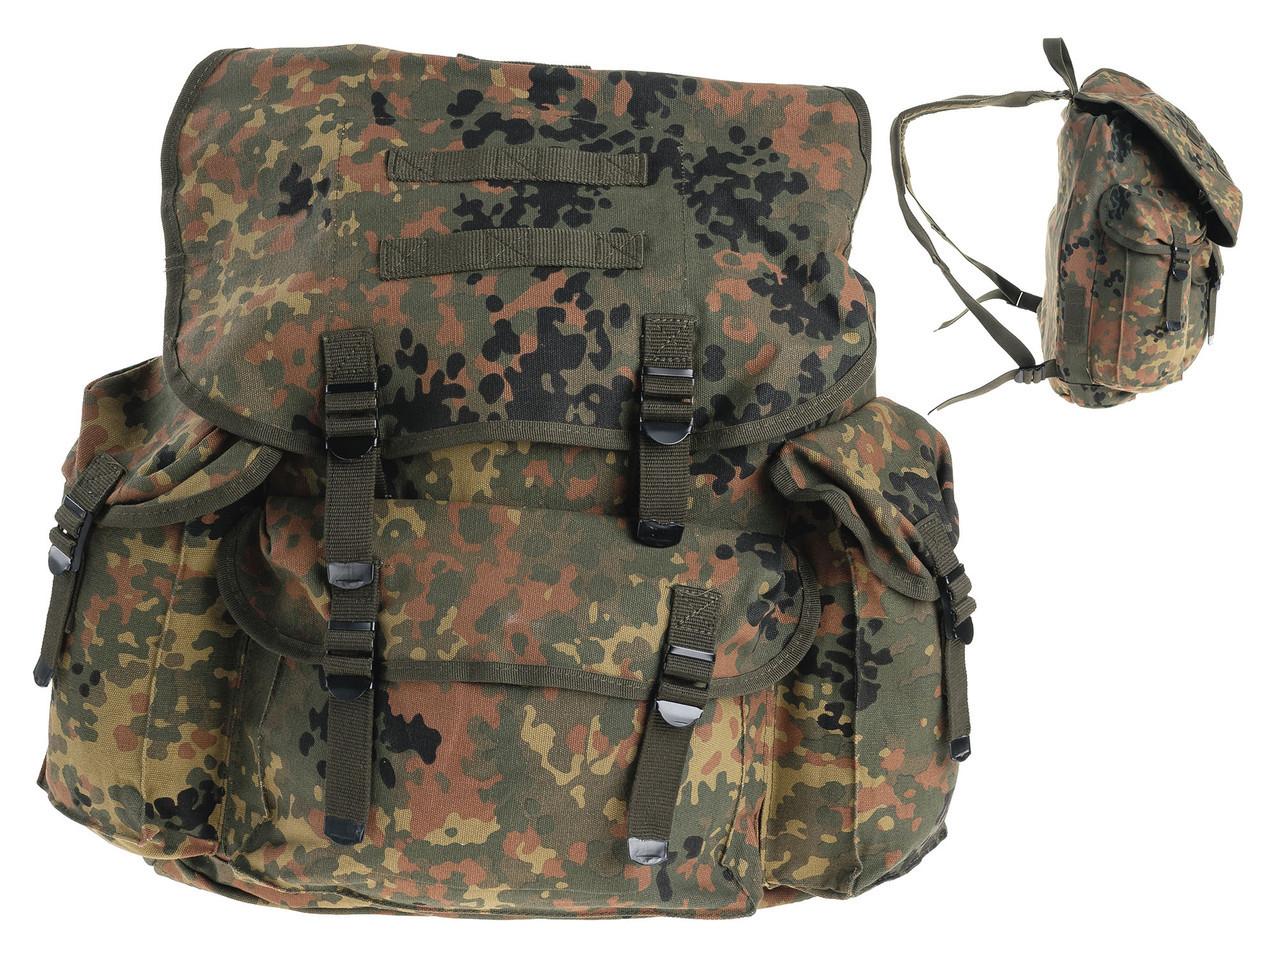 Bw рюкзак flecktarn купить рюкзак ранец ортопедический